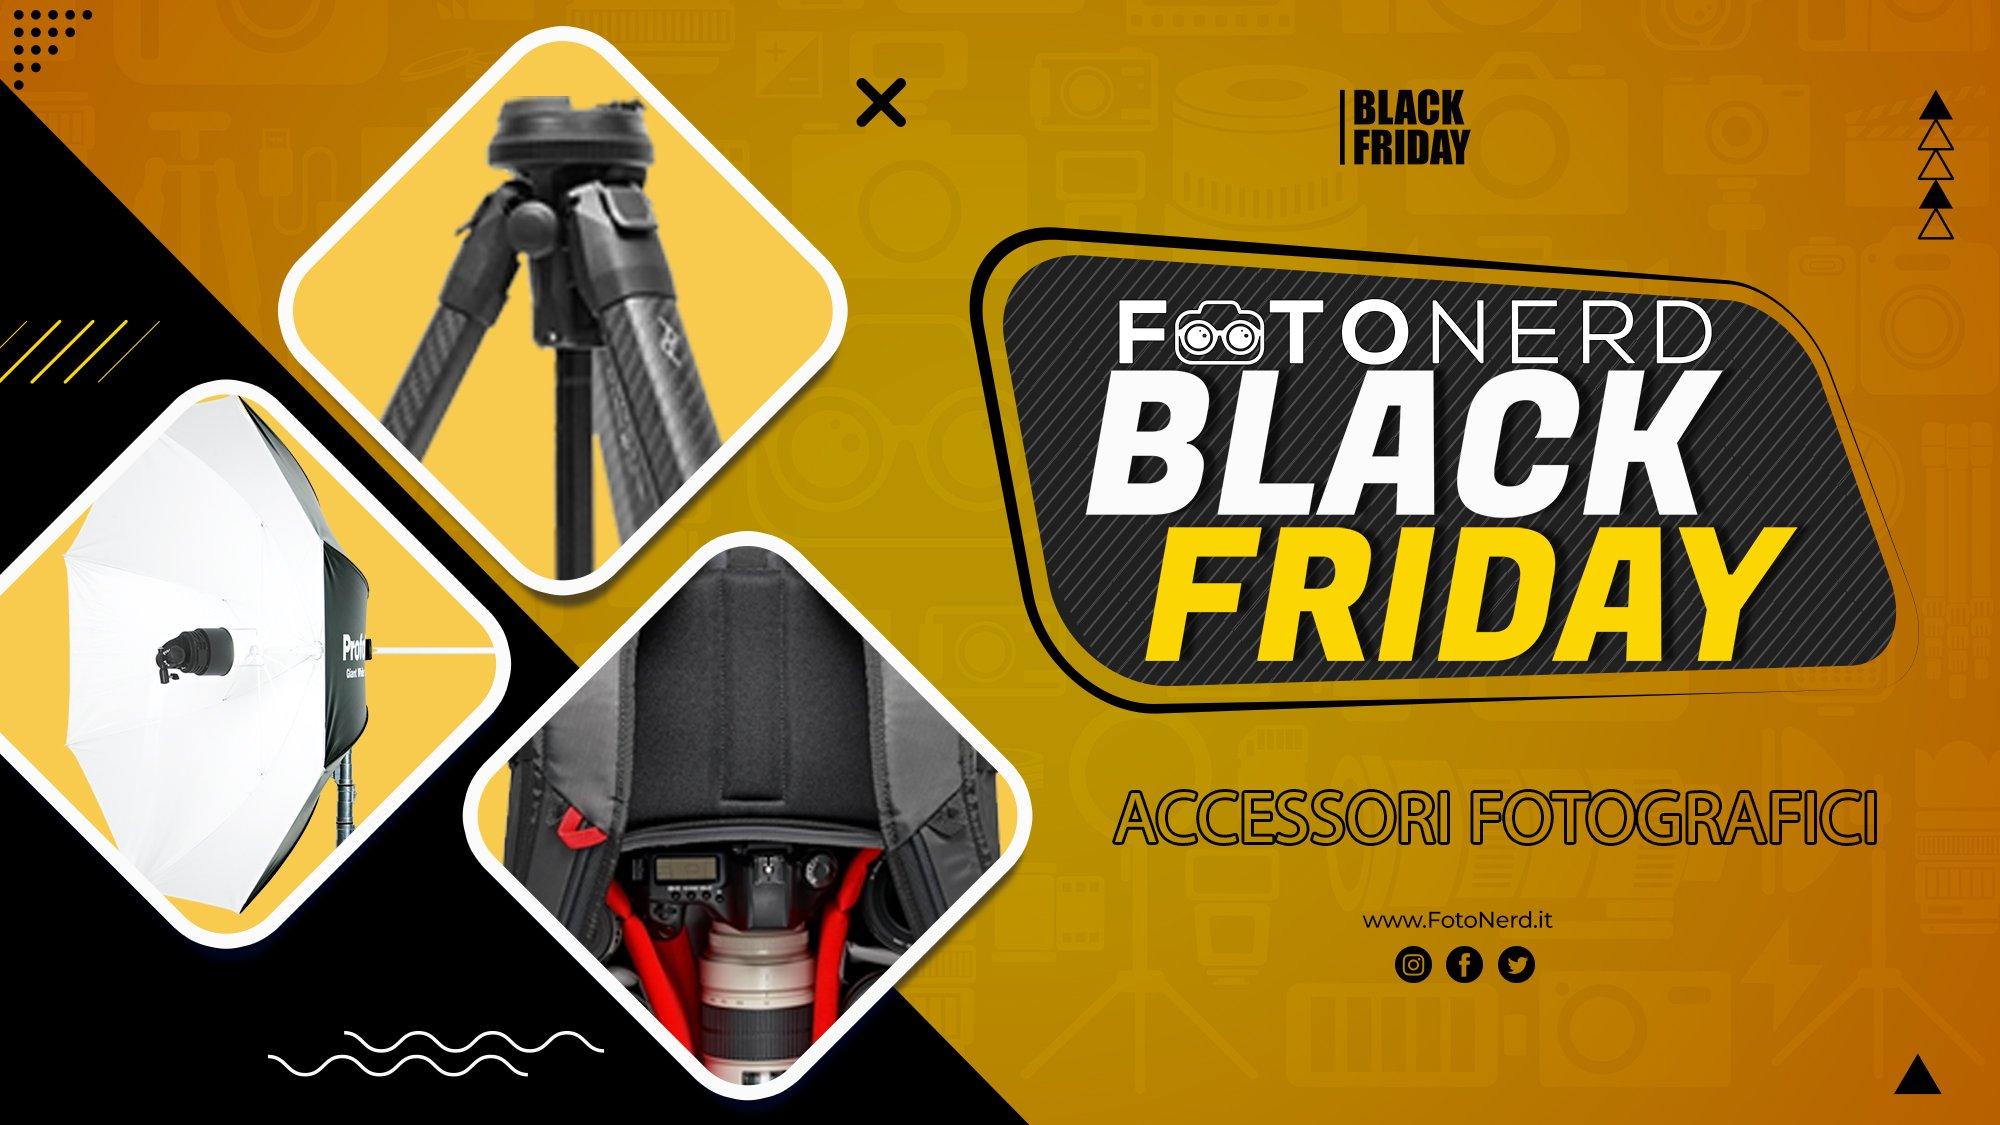 Black Friday Accessori Fotografici 2020